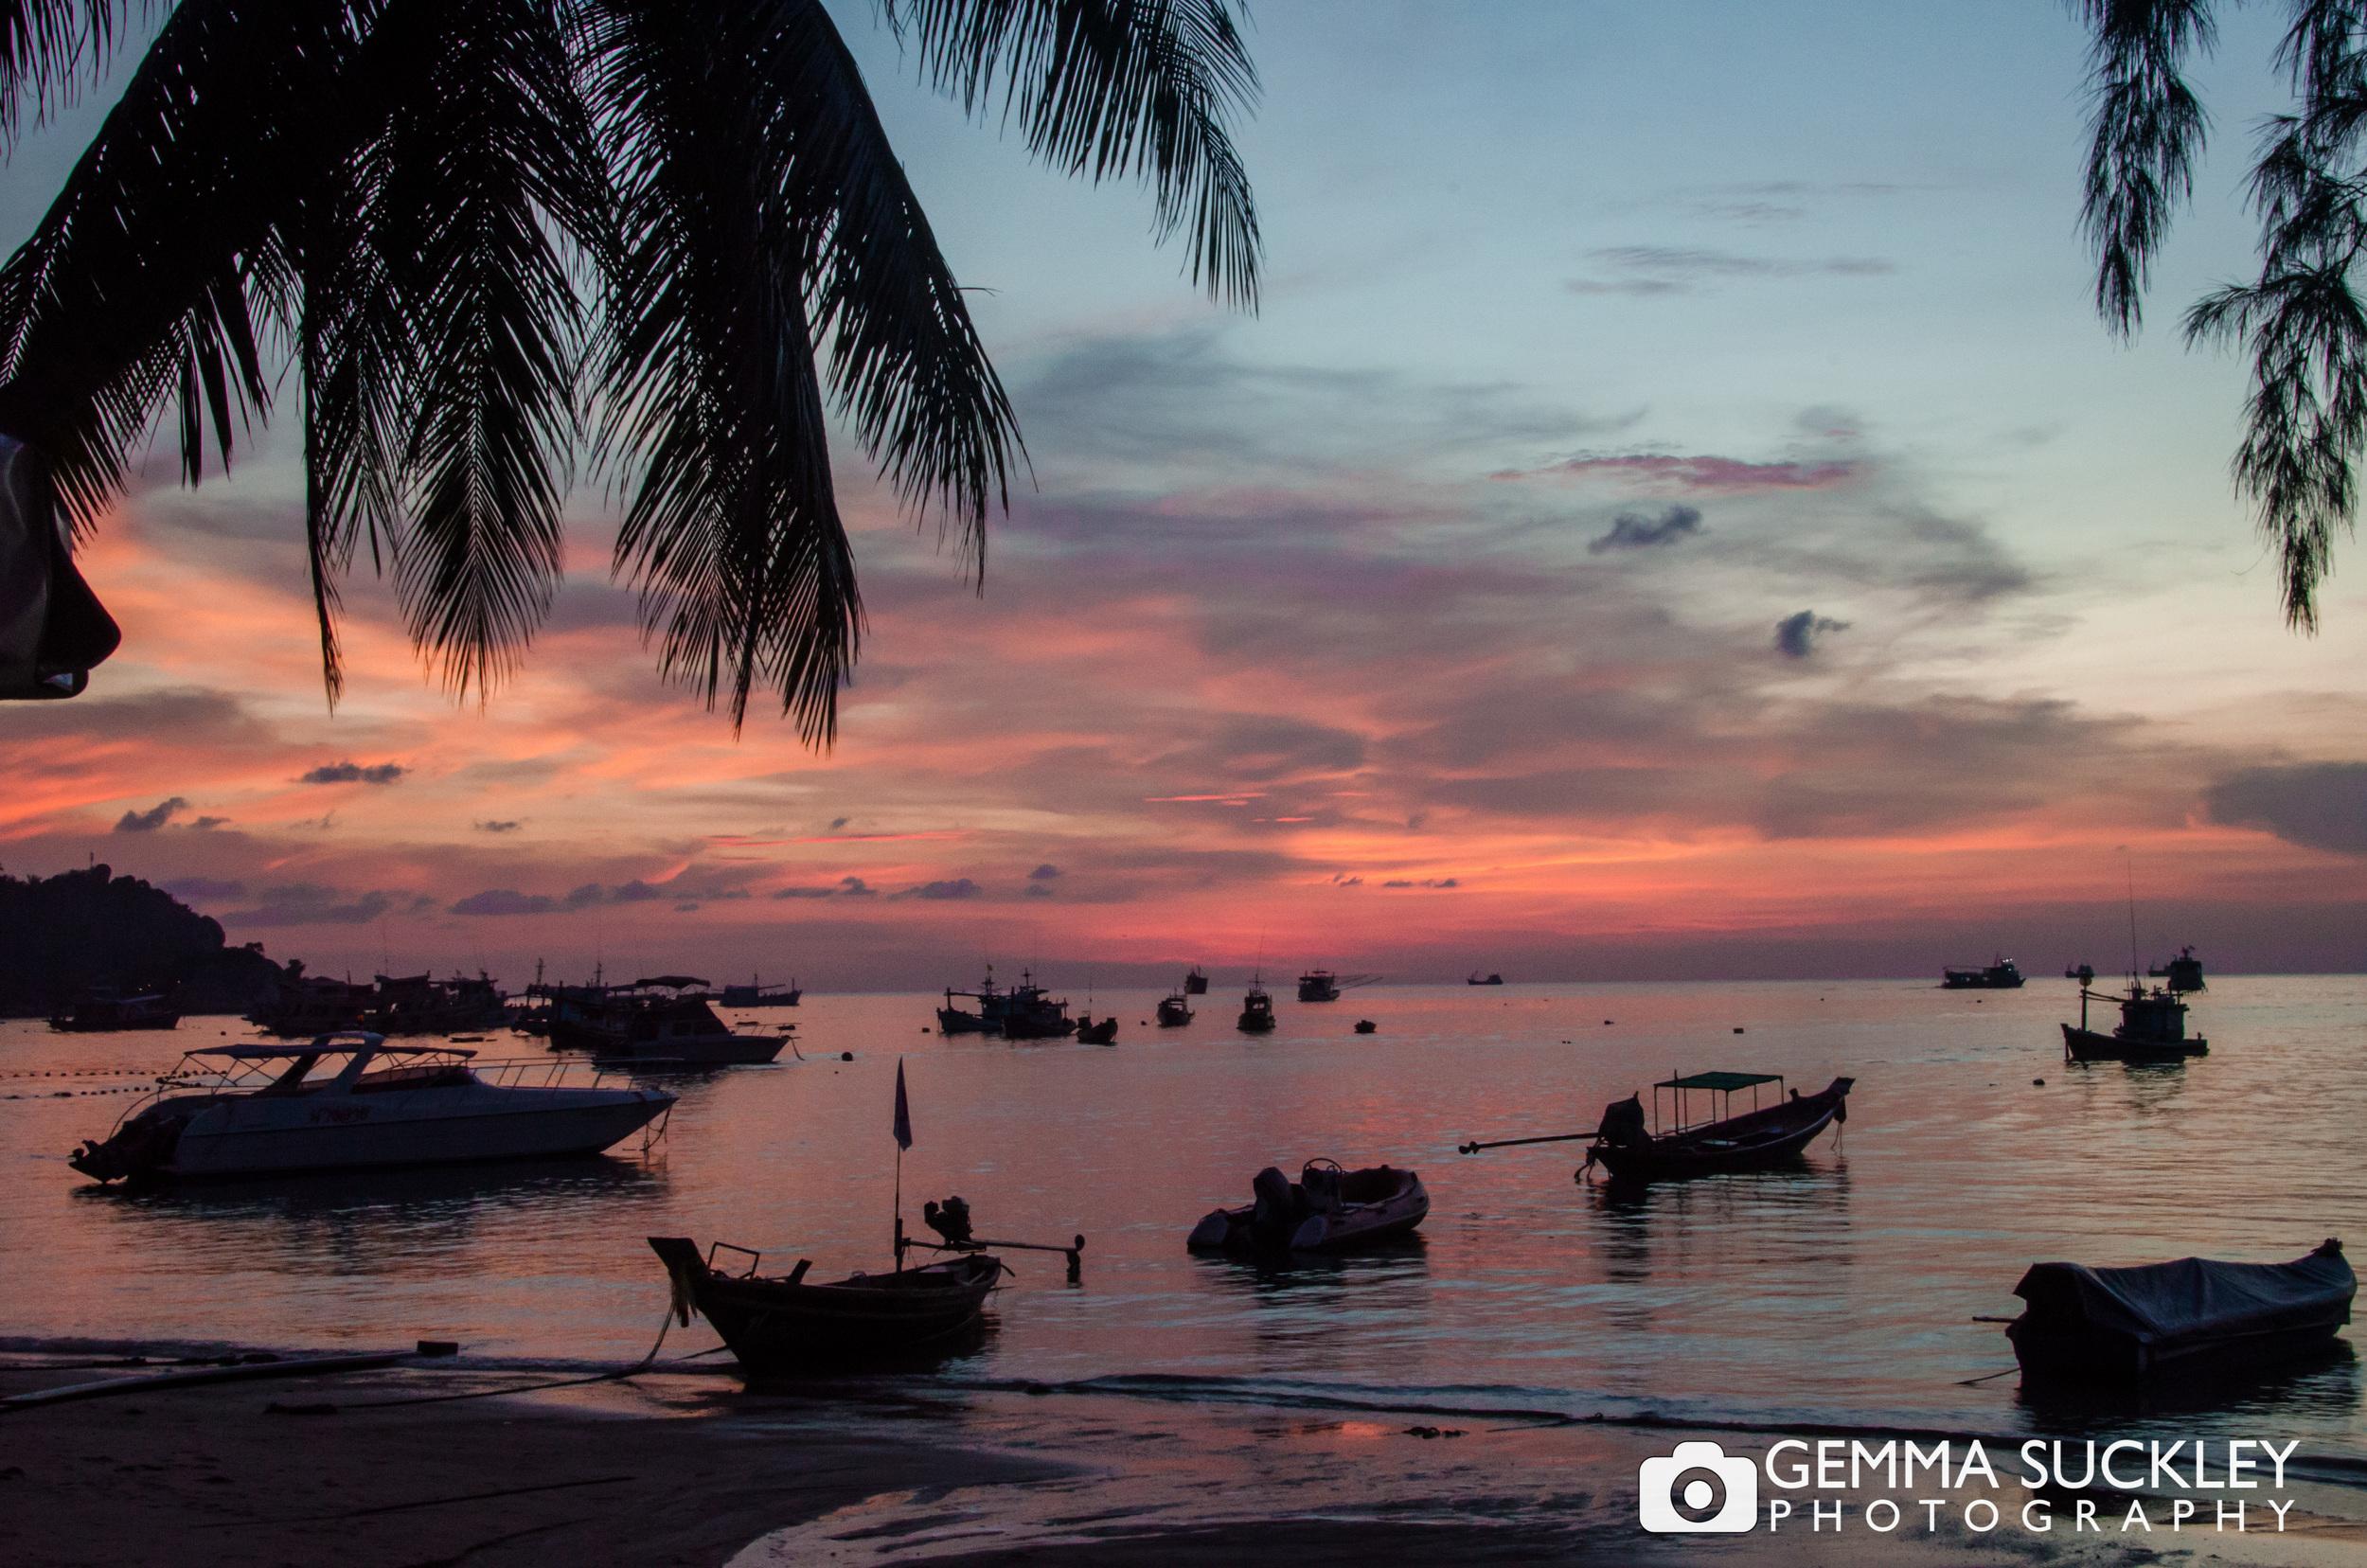 sunset-in-thailand.jpg